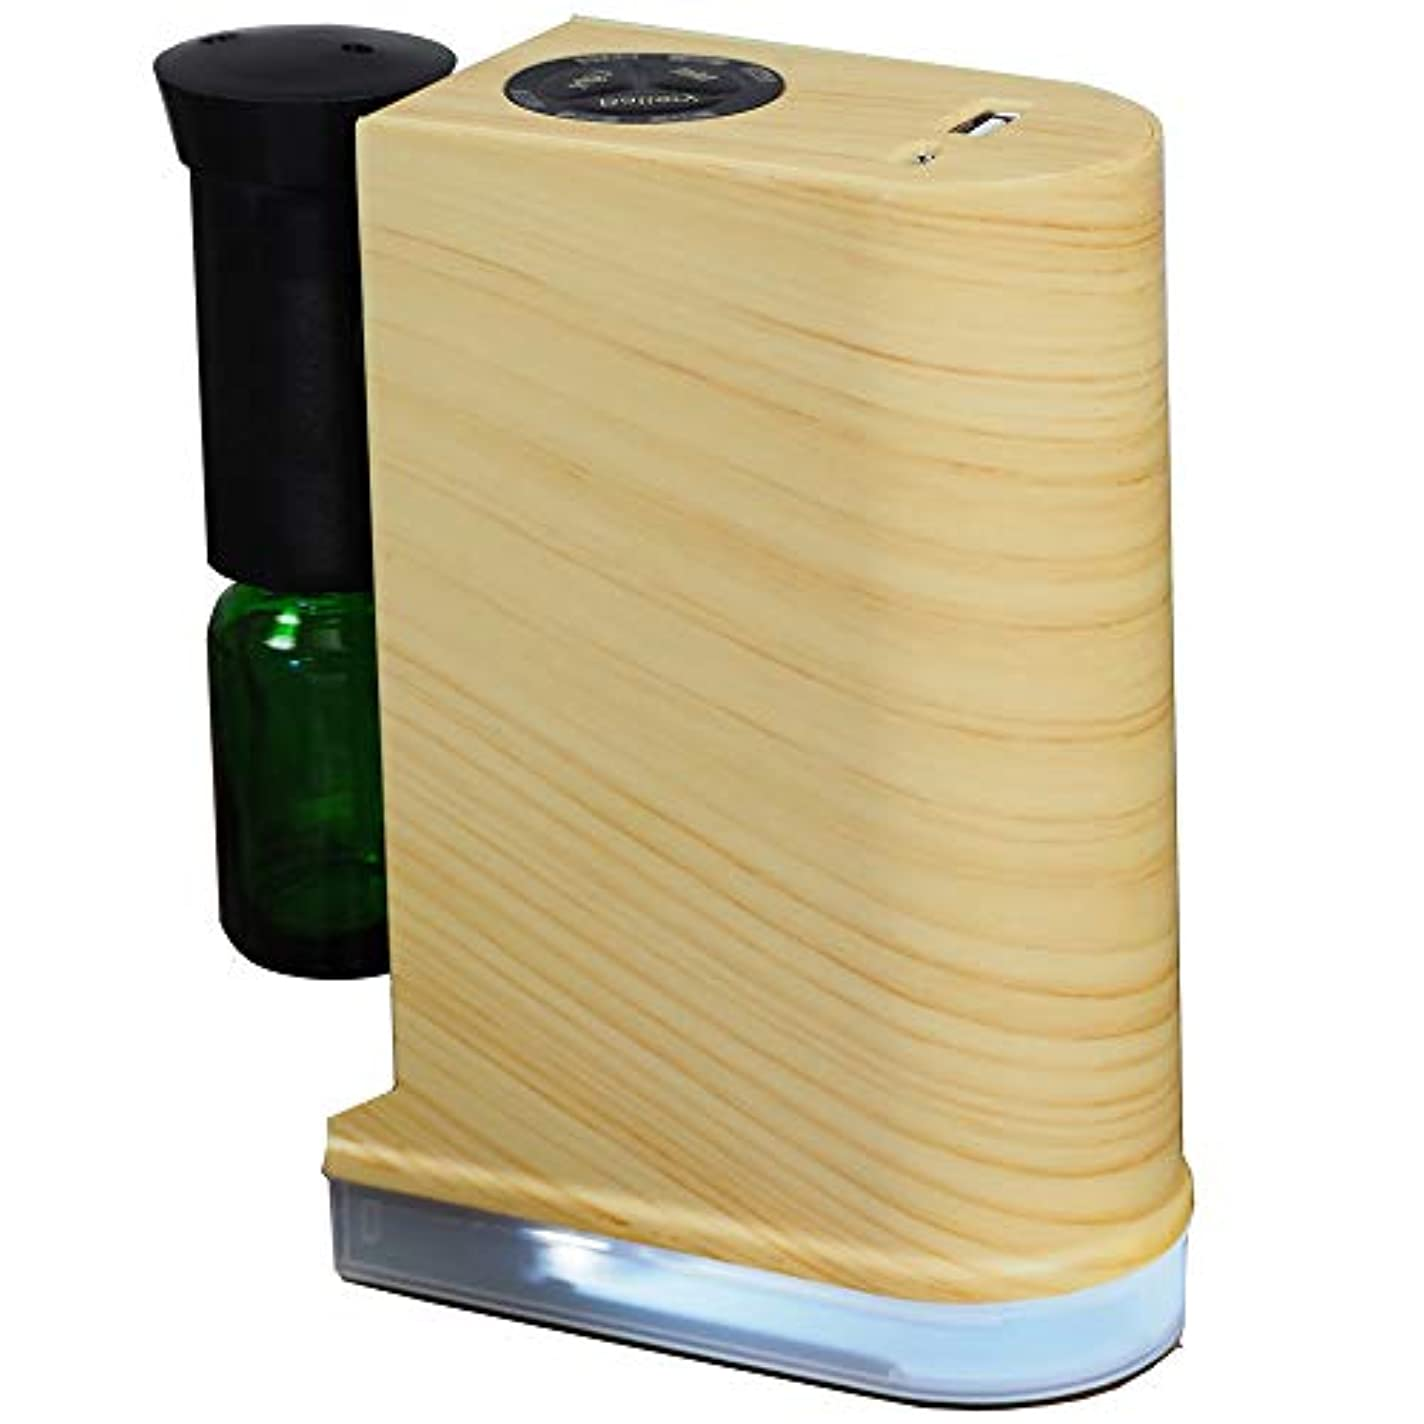 原始的な有名人暴露精油用 ネブライザー式 アロマディフューザー 31 LEDライト付 (カラー:ナチュラル) / ###アロマ2019ナ###